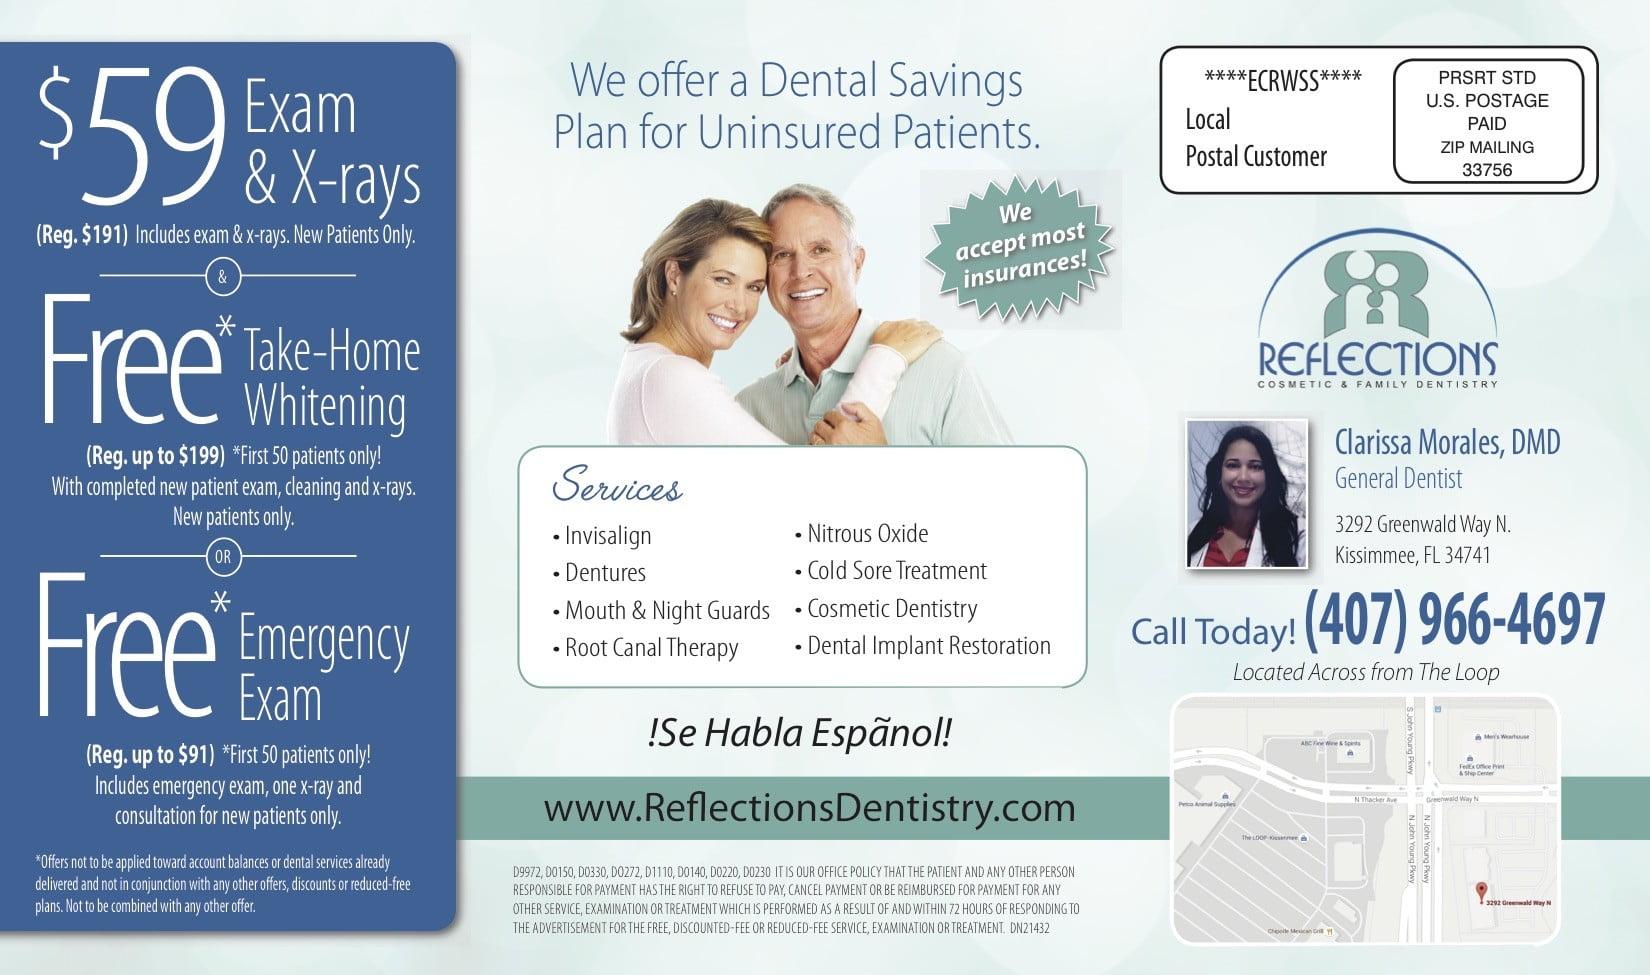 Dental postcard sample 4 wilson printing usa wilson printing usa learning marketing tips altavistaventures Choice Image